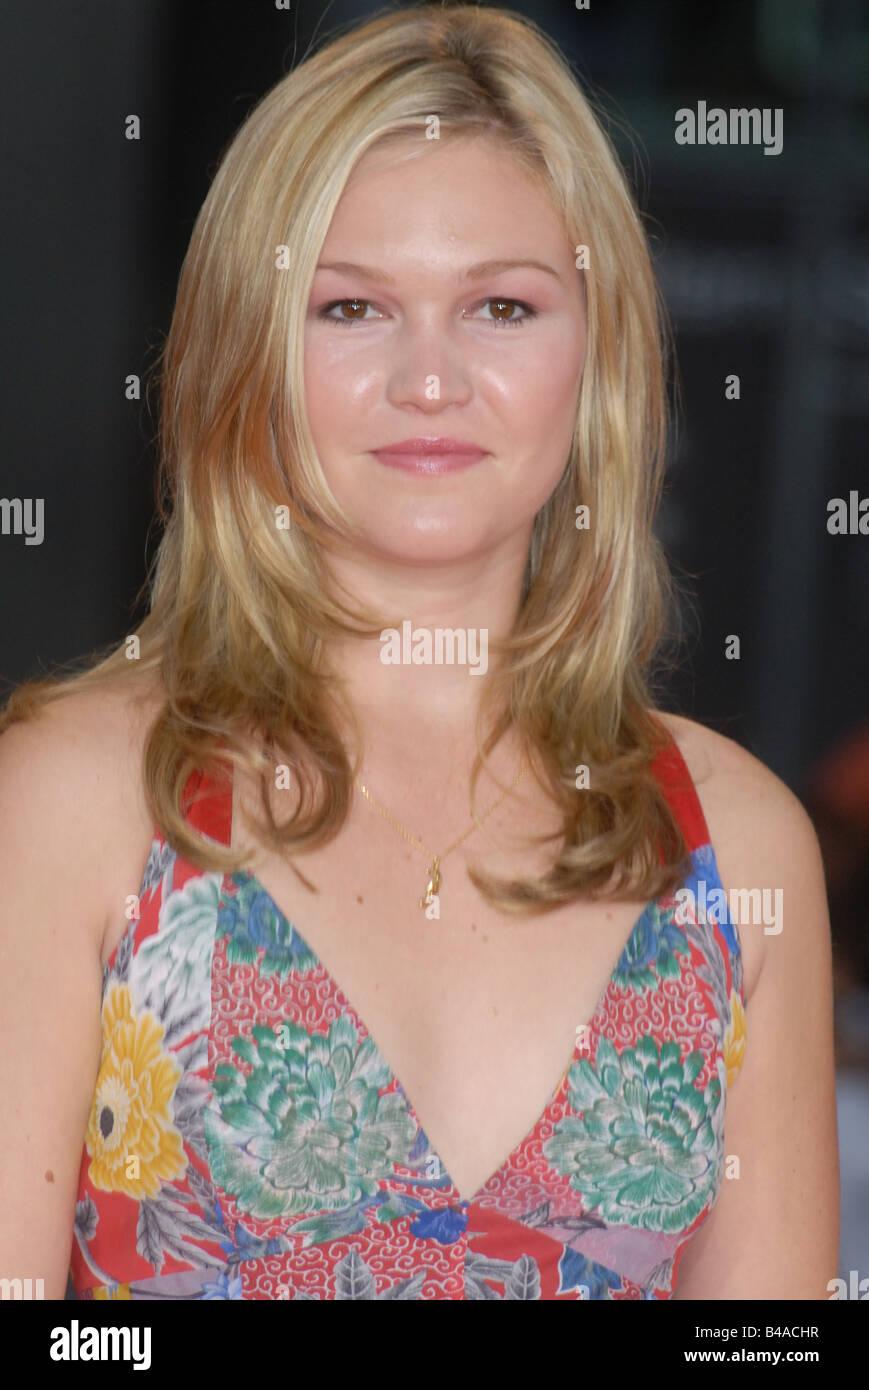 """Stiles, Julia, * 28.03.1981, US-amerikanische Schauspielerin, Porträt, Auf der Premiere von """"The Bourne Stockbild"""